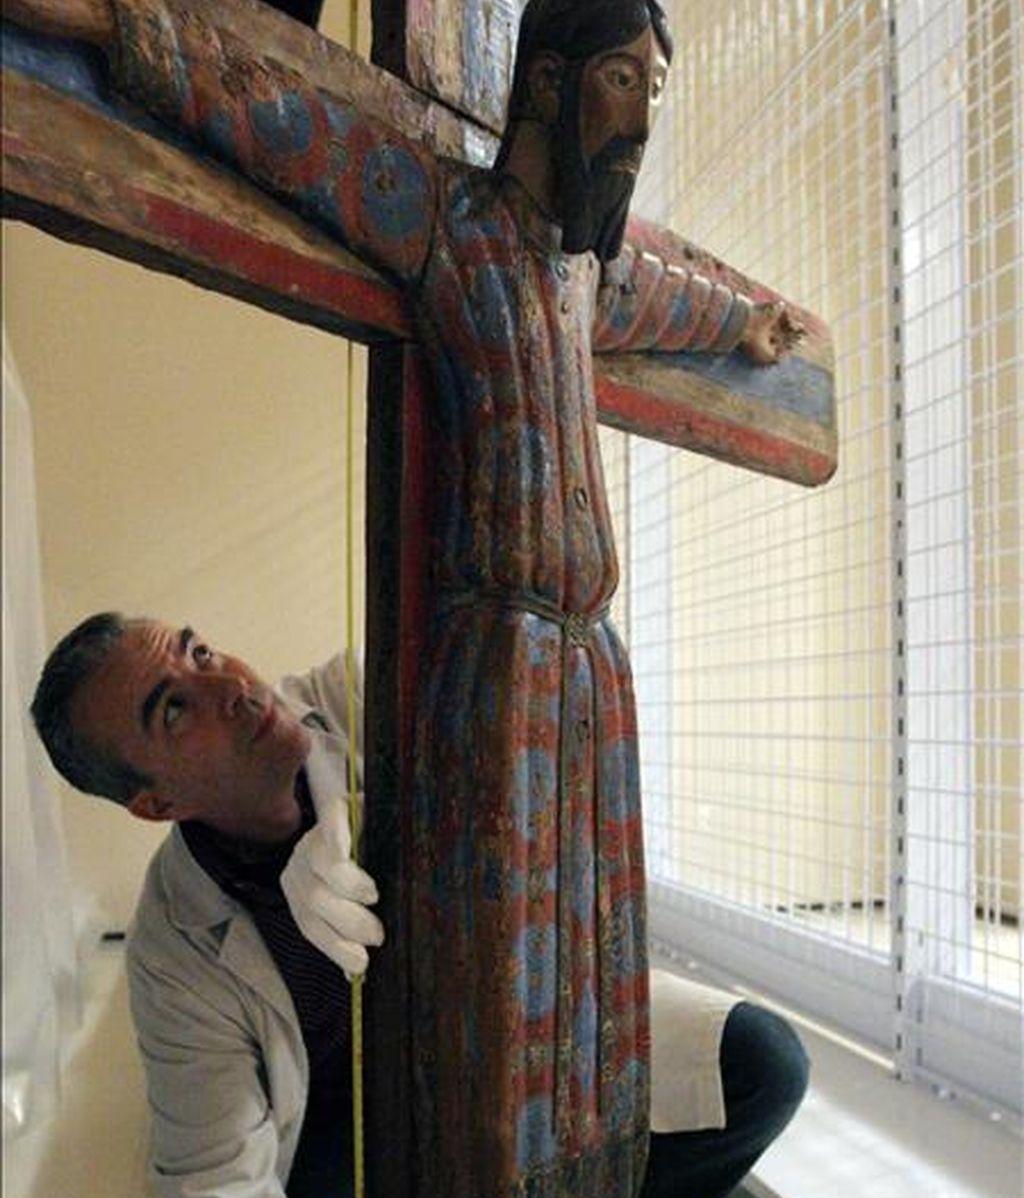 Un técnico toma medidas de una obra de arte románico del Museo Nacional de Arte Contemporáneo de Cataluña ( MNAC), donde se presento esta mañana el cierre público y la remodelación de sus salas así como la exposición sobre Courbet y su influencia en el realismo español que será uno de los principales atractivos de la temporada en el Museo en el 2011. EFE